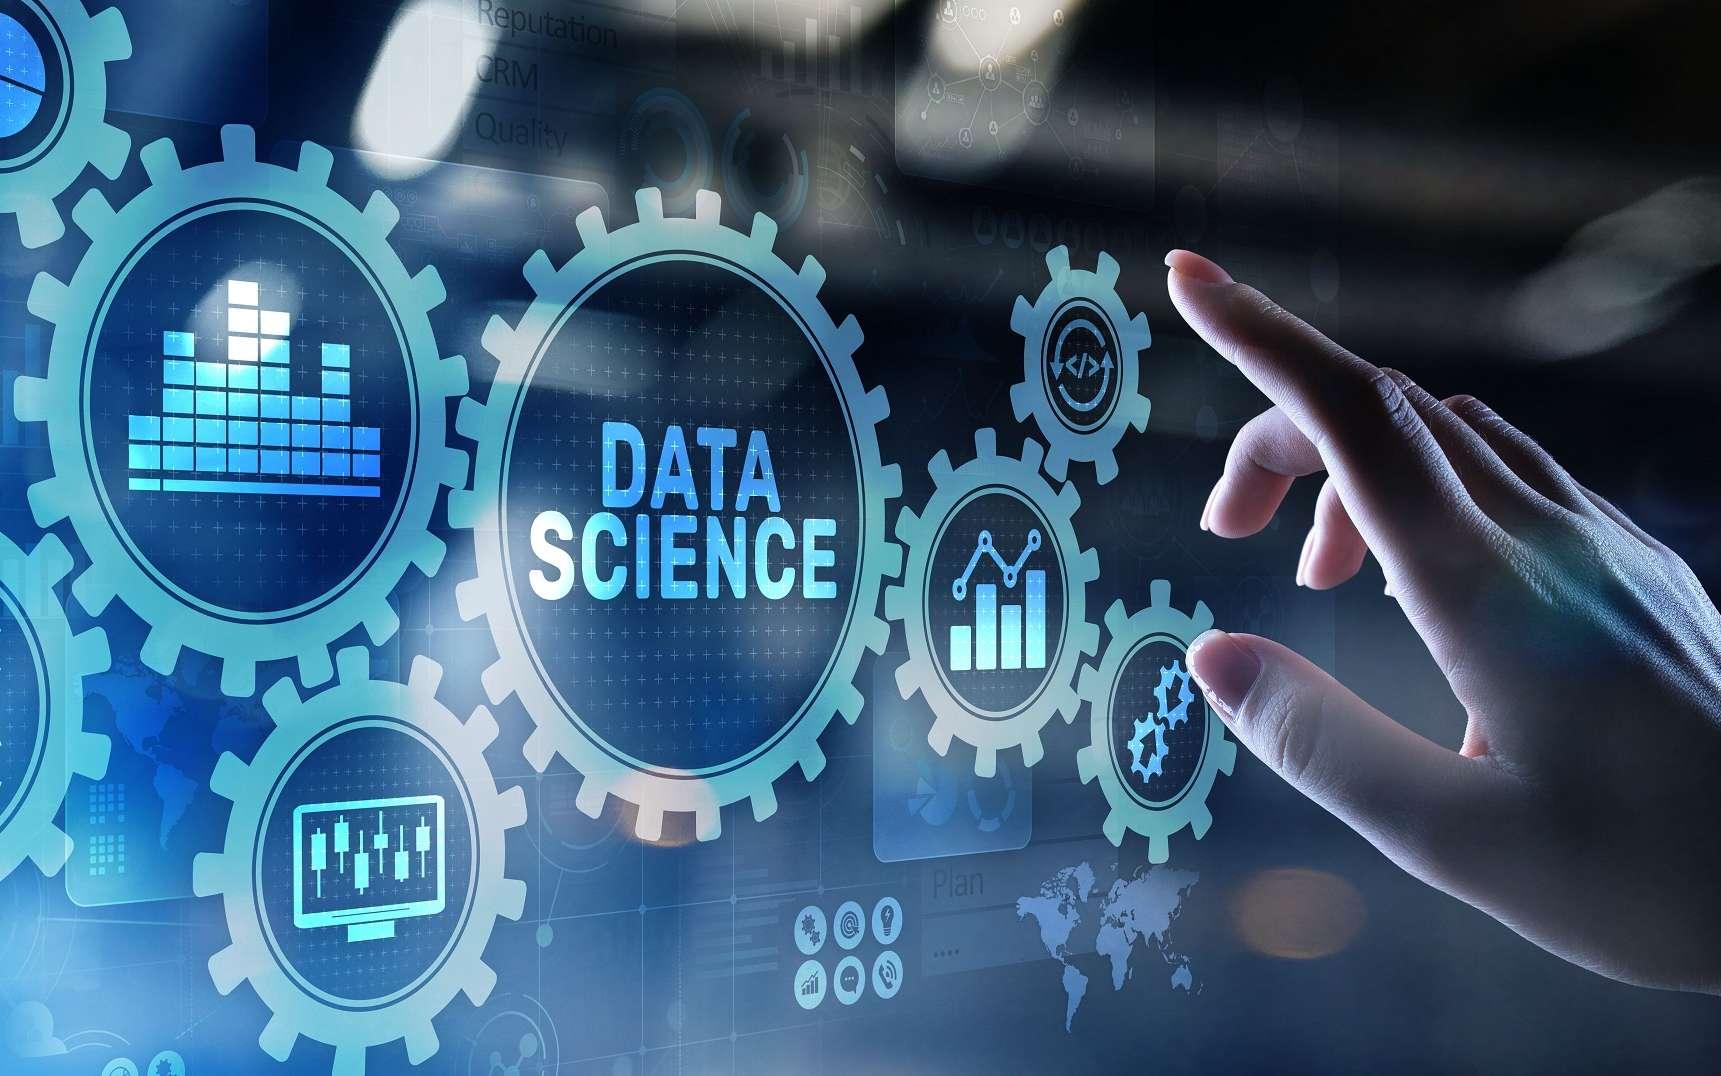 Une nouvelle formation en ligne en data science proposée par l'IAE Paris-Sorbonne et l'EGE, s'ouvrira à la rentrée 2021. © WrightStudio, Adobe Stock